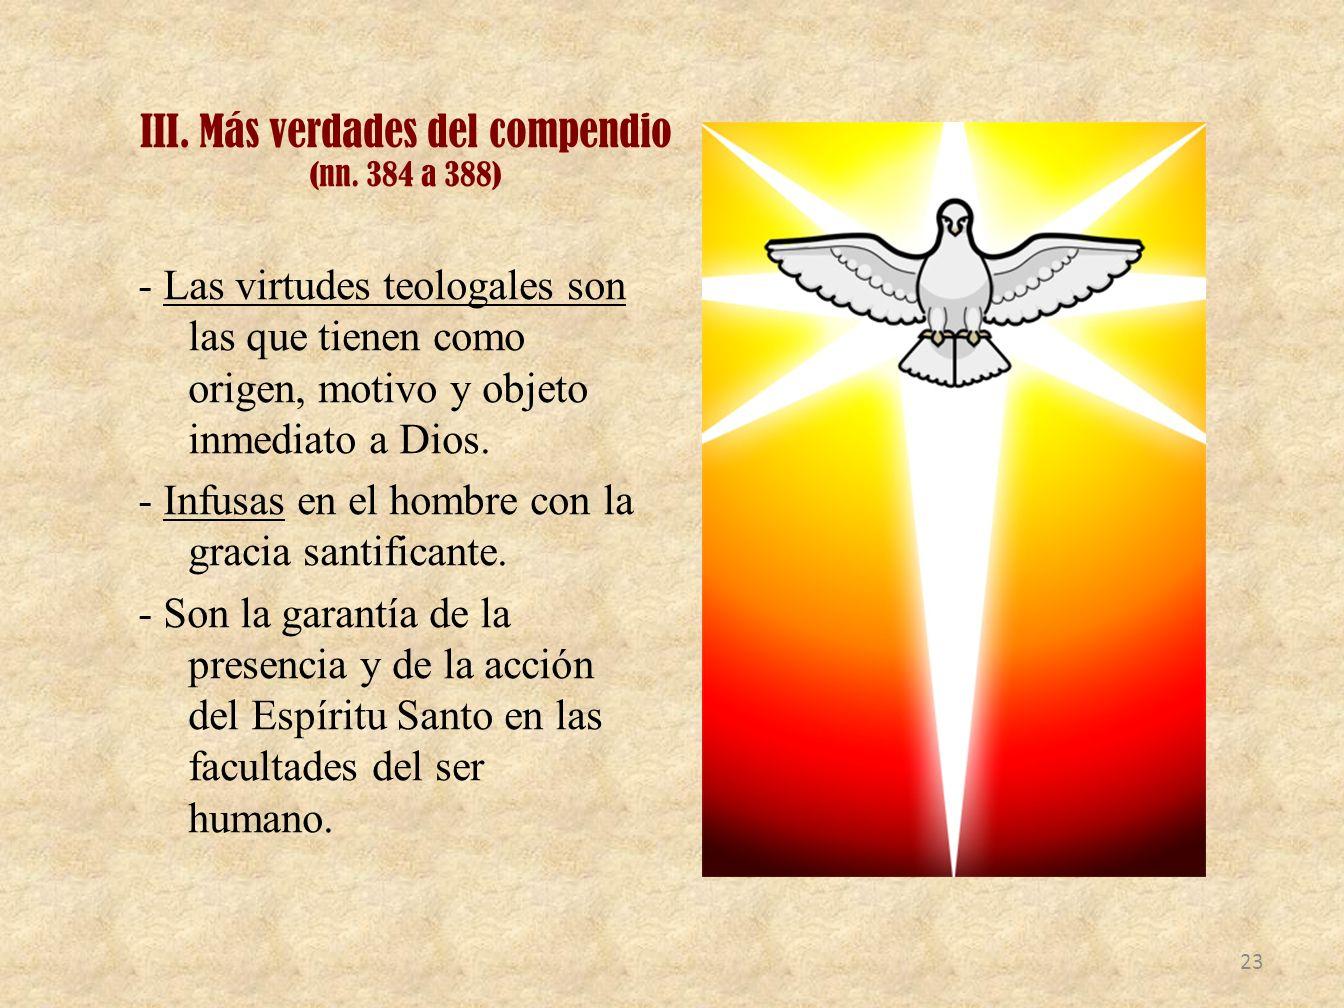 III. Más verdades del compendio (nn. 384 a 388) - Las virtudes teologales son las que tienen como origen, motivo y objeto inmediato a Dios. - Infusas